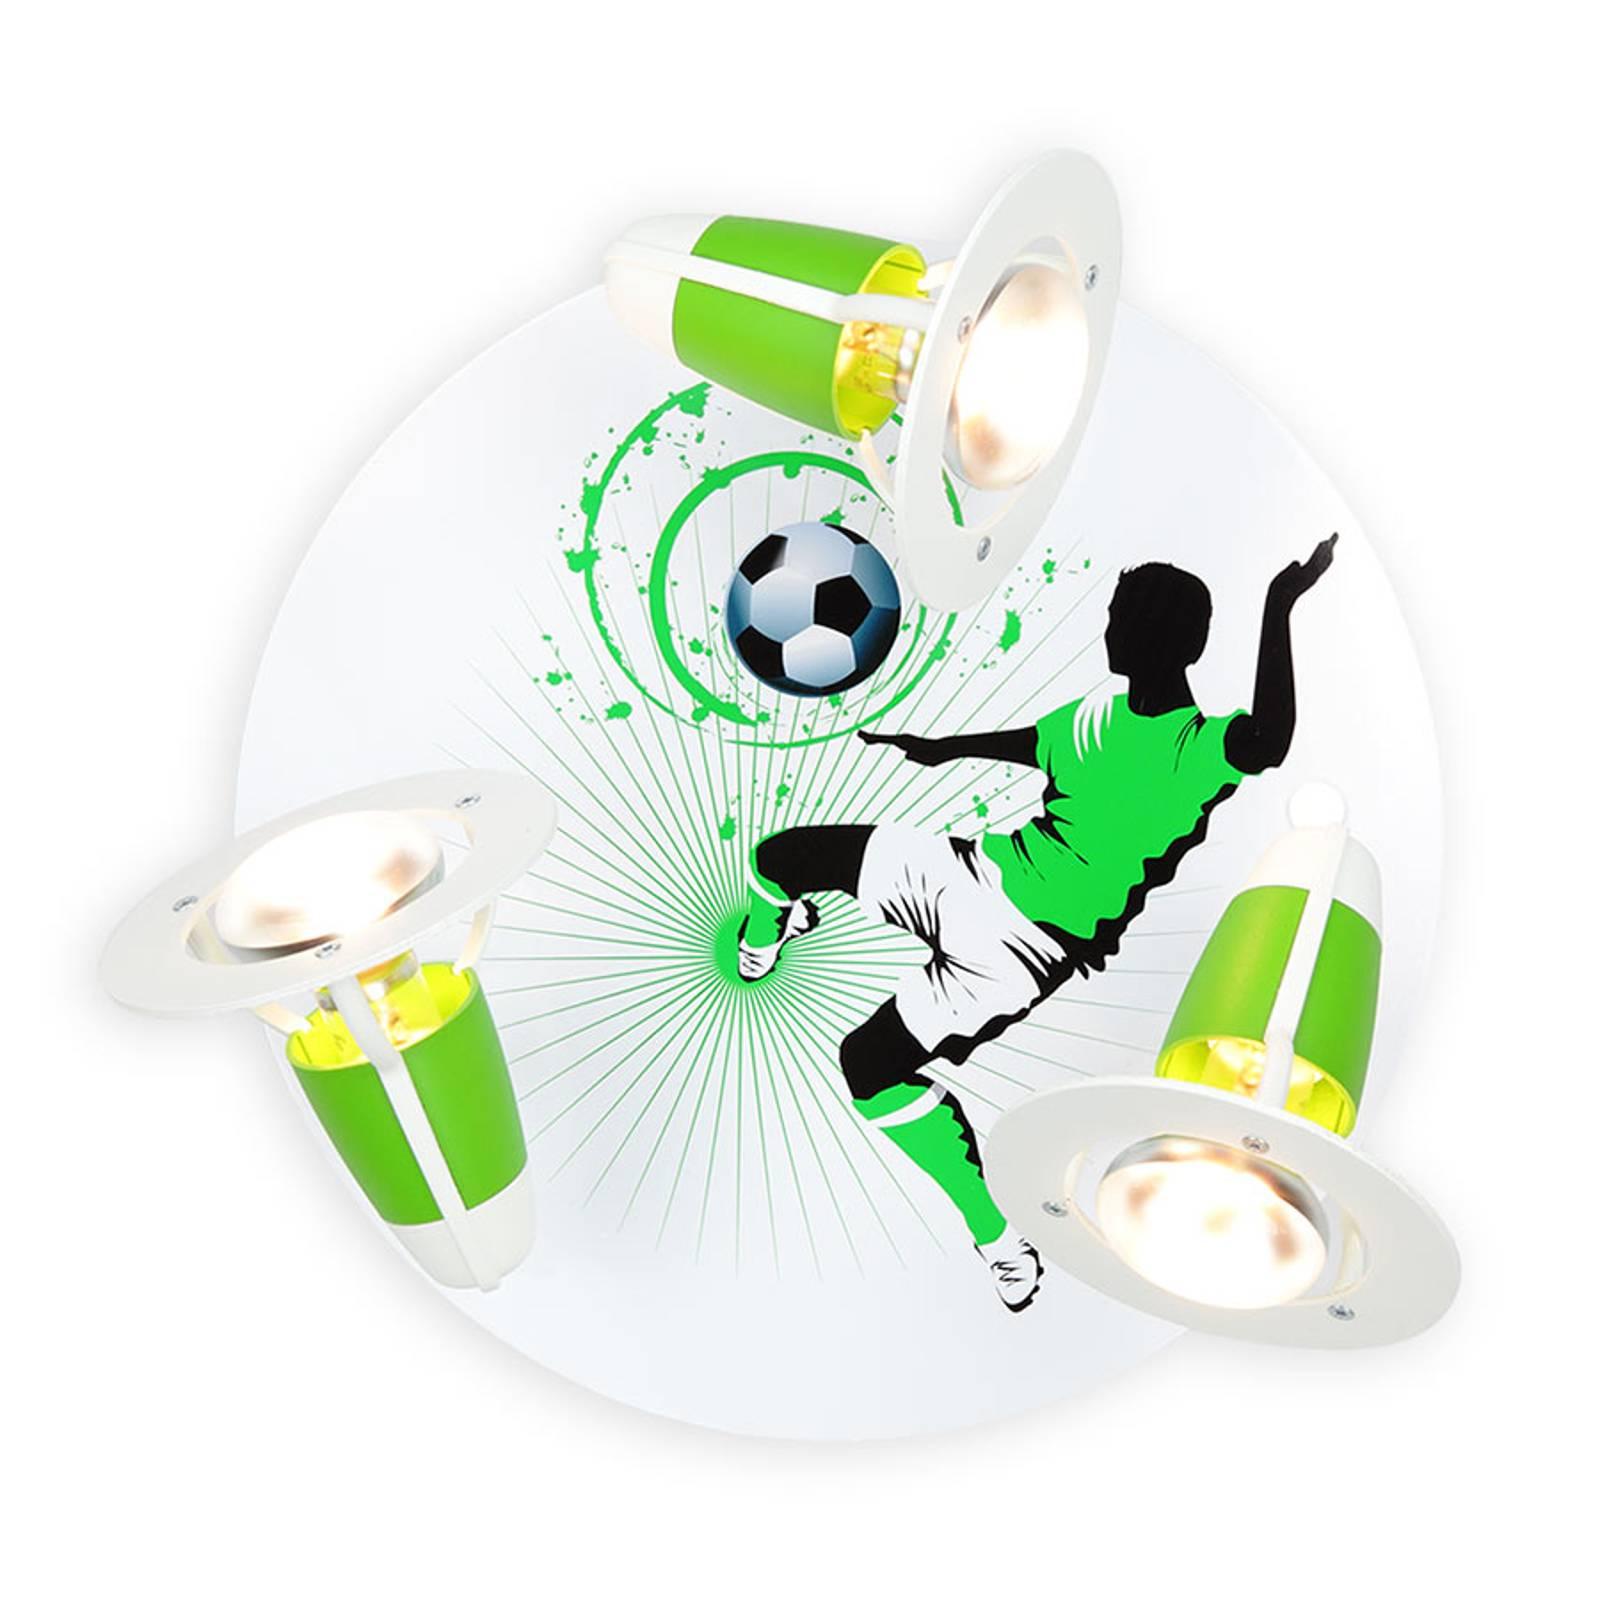 Deckenleuchte Soccer, dreiflammig, grün-weiß